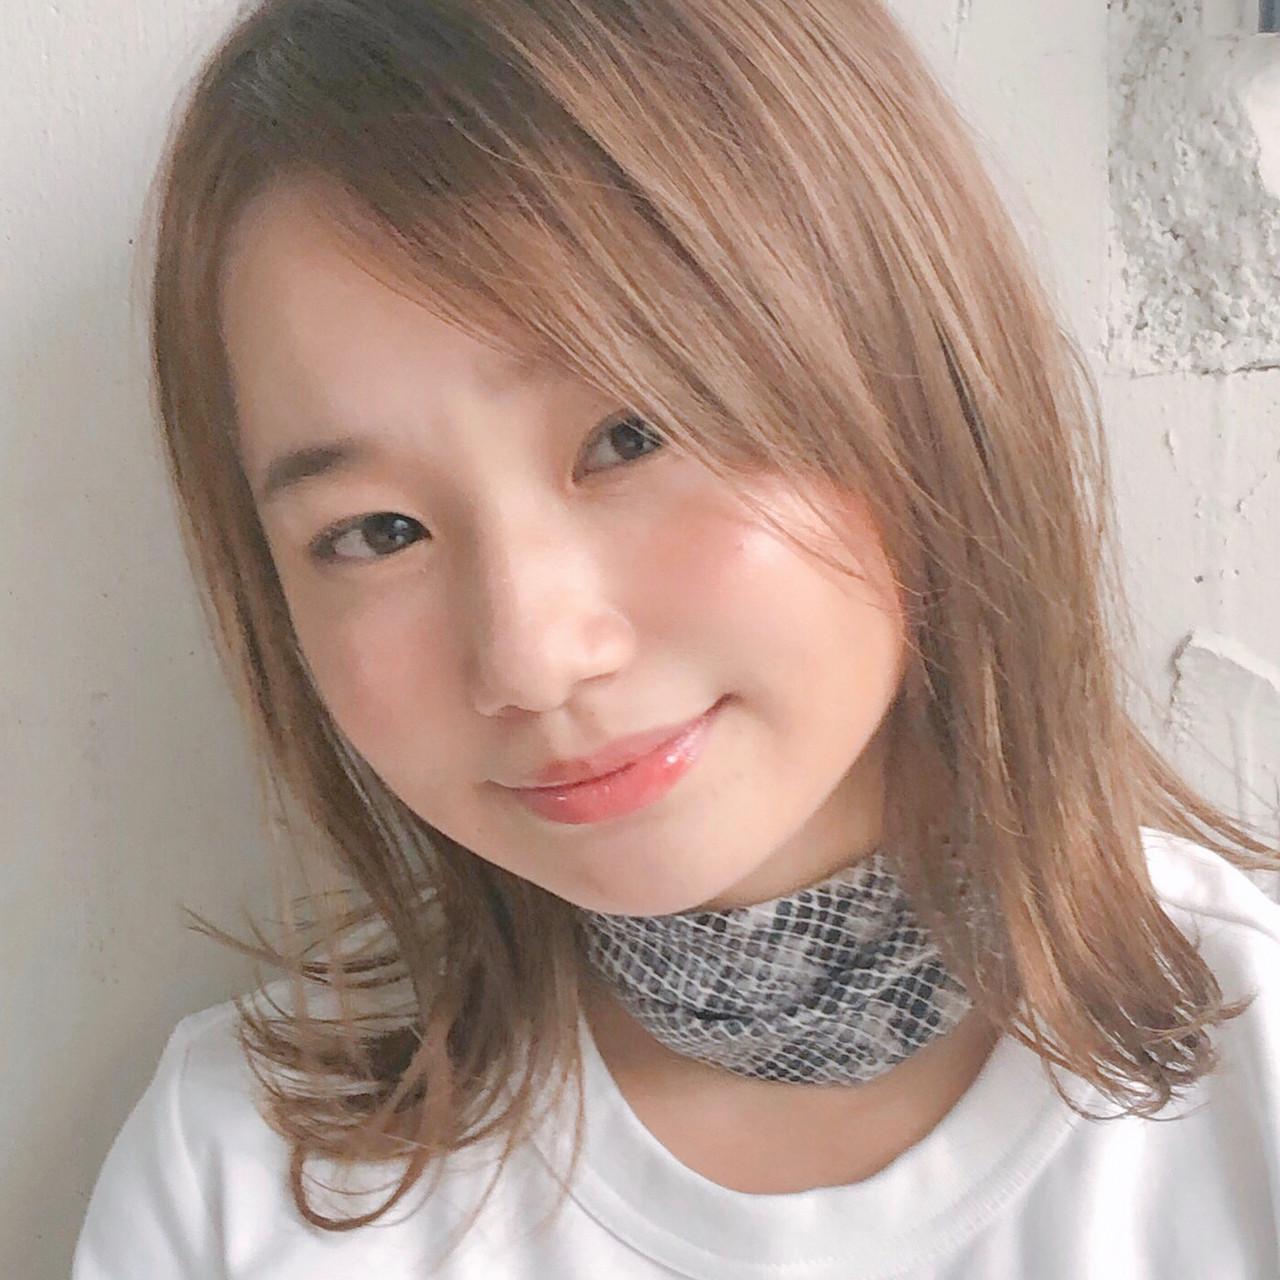 スポーツ アンニュイほつれヘア ミディアム ヘアアレンジ ヘアスタイルや髪型の写真・画像